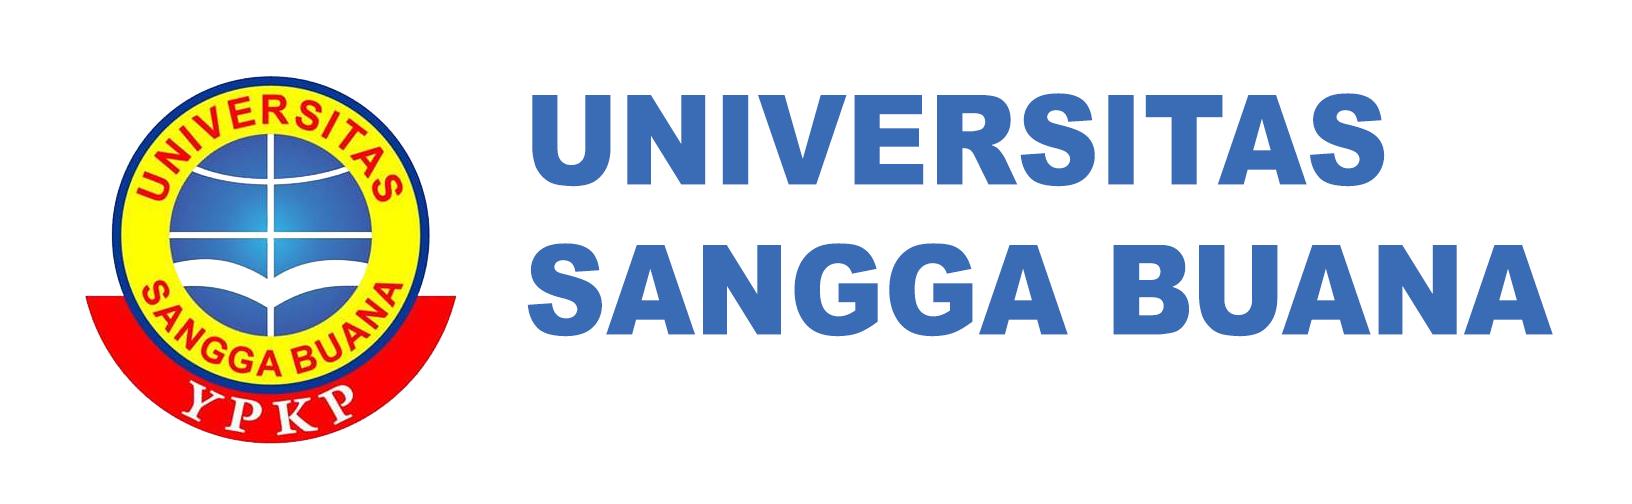 Universitas Sangga Buana YPKP Bandung